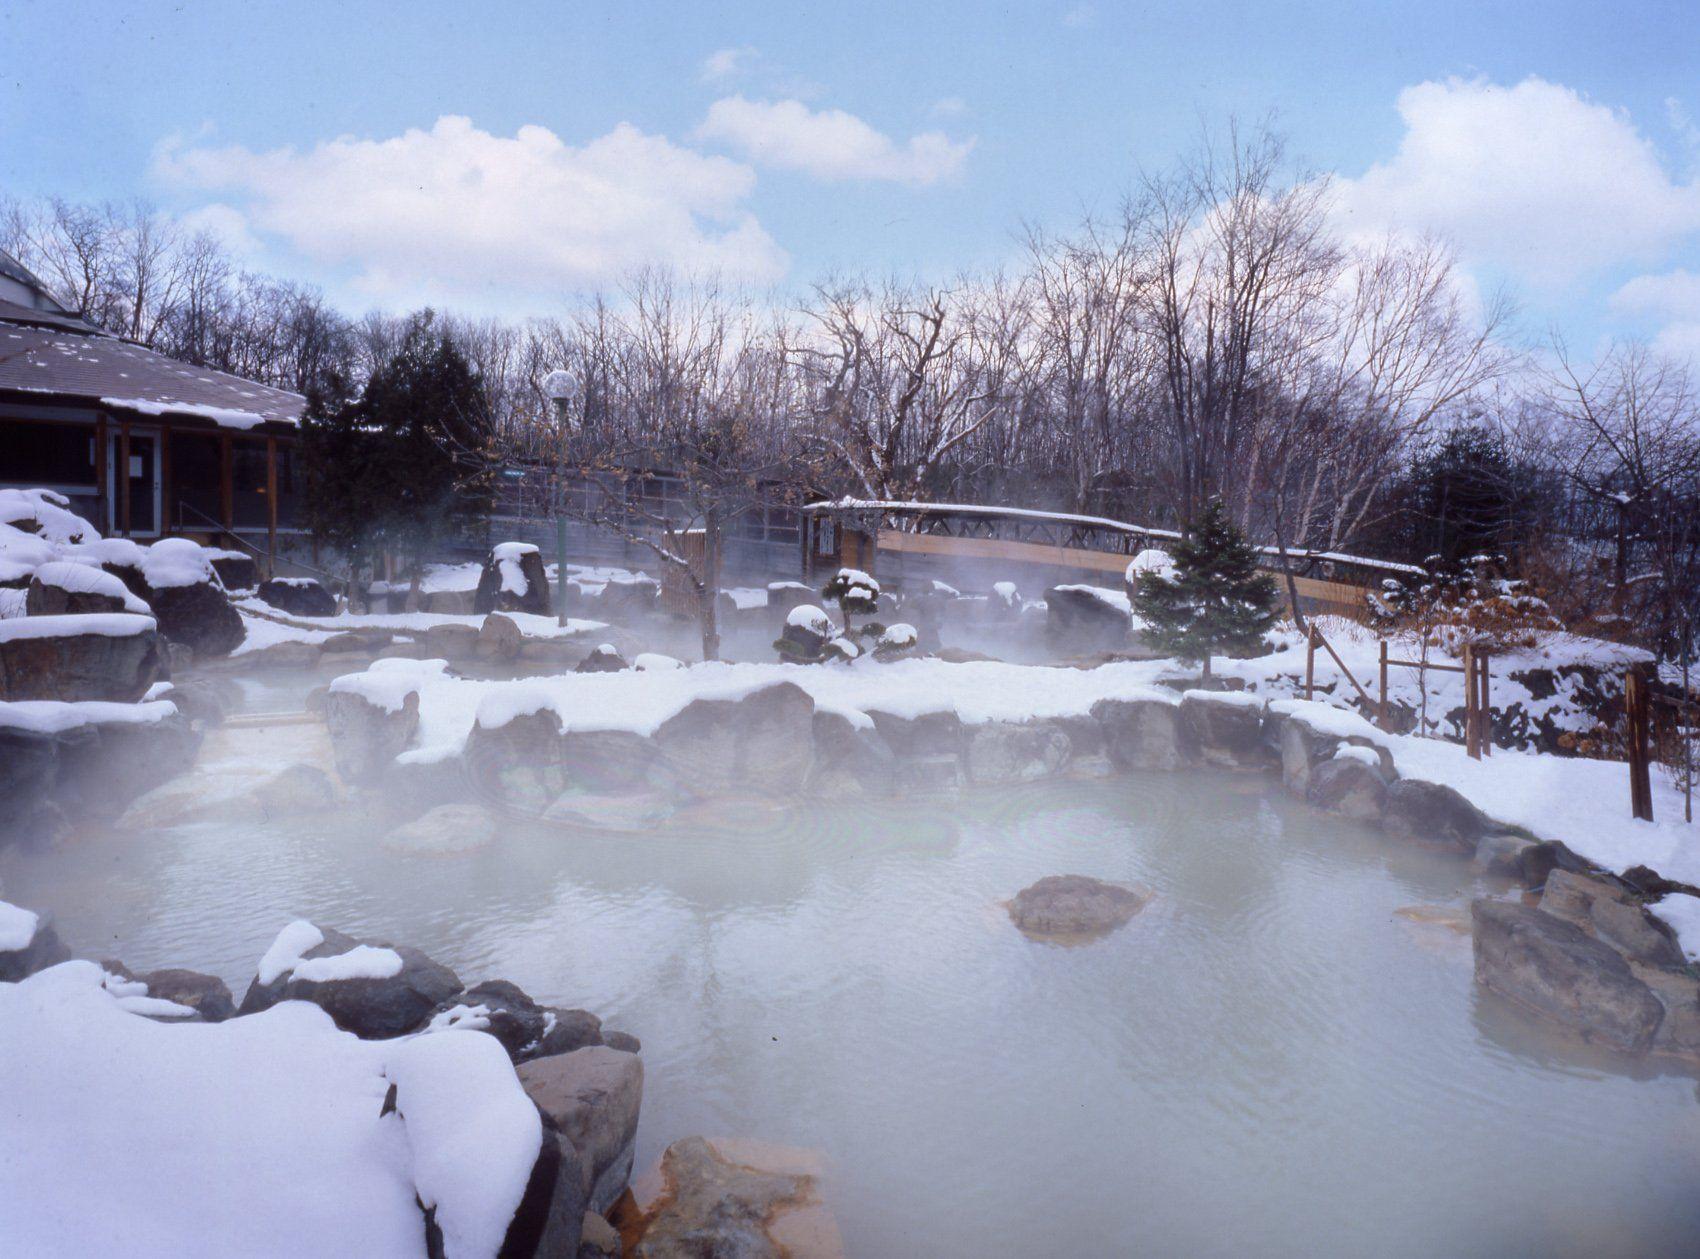 ニセコ温泉おすすめランキングTOP11!日帰りでも人気!秘湯もあり!